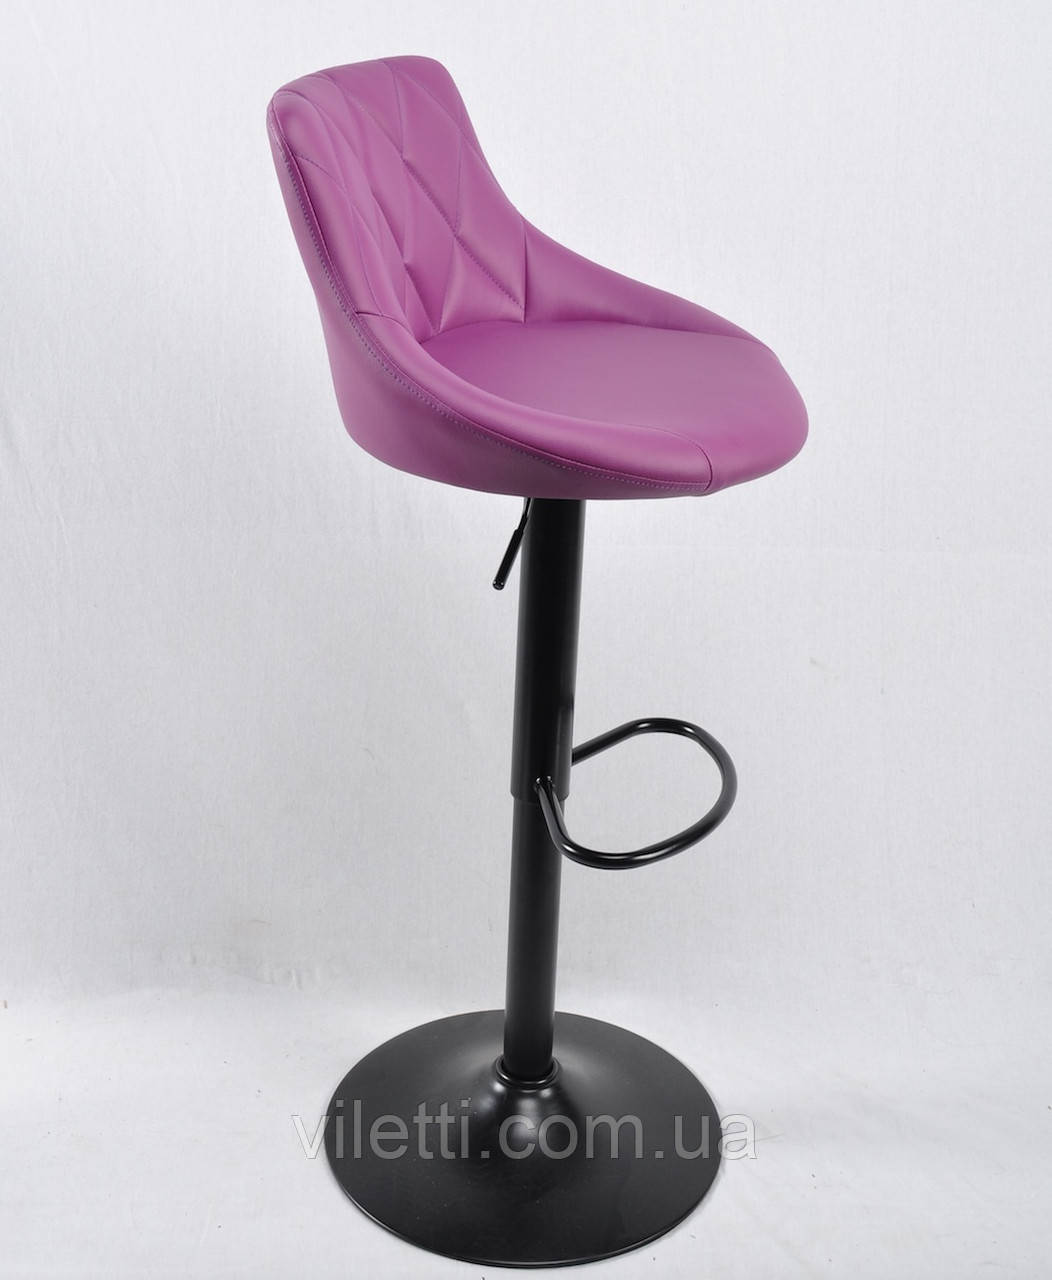 Пурпурний барний стілець c підставкою для ніг з еко-шкіри на круглому підставі чорного кольору FORO BAR BK-BASE